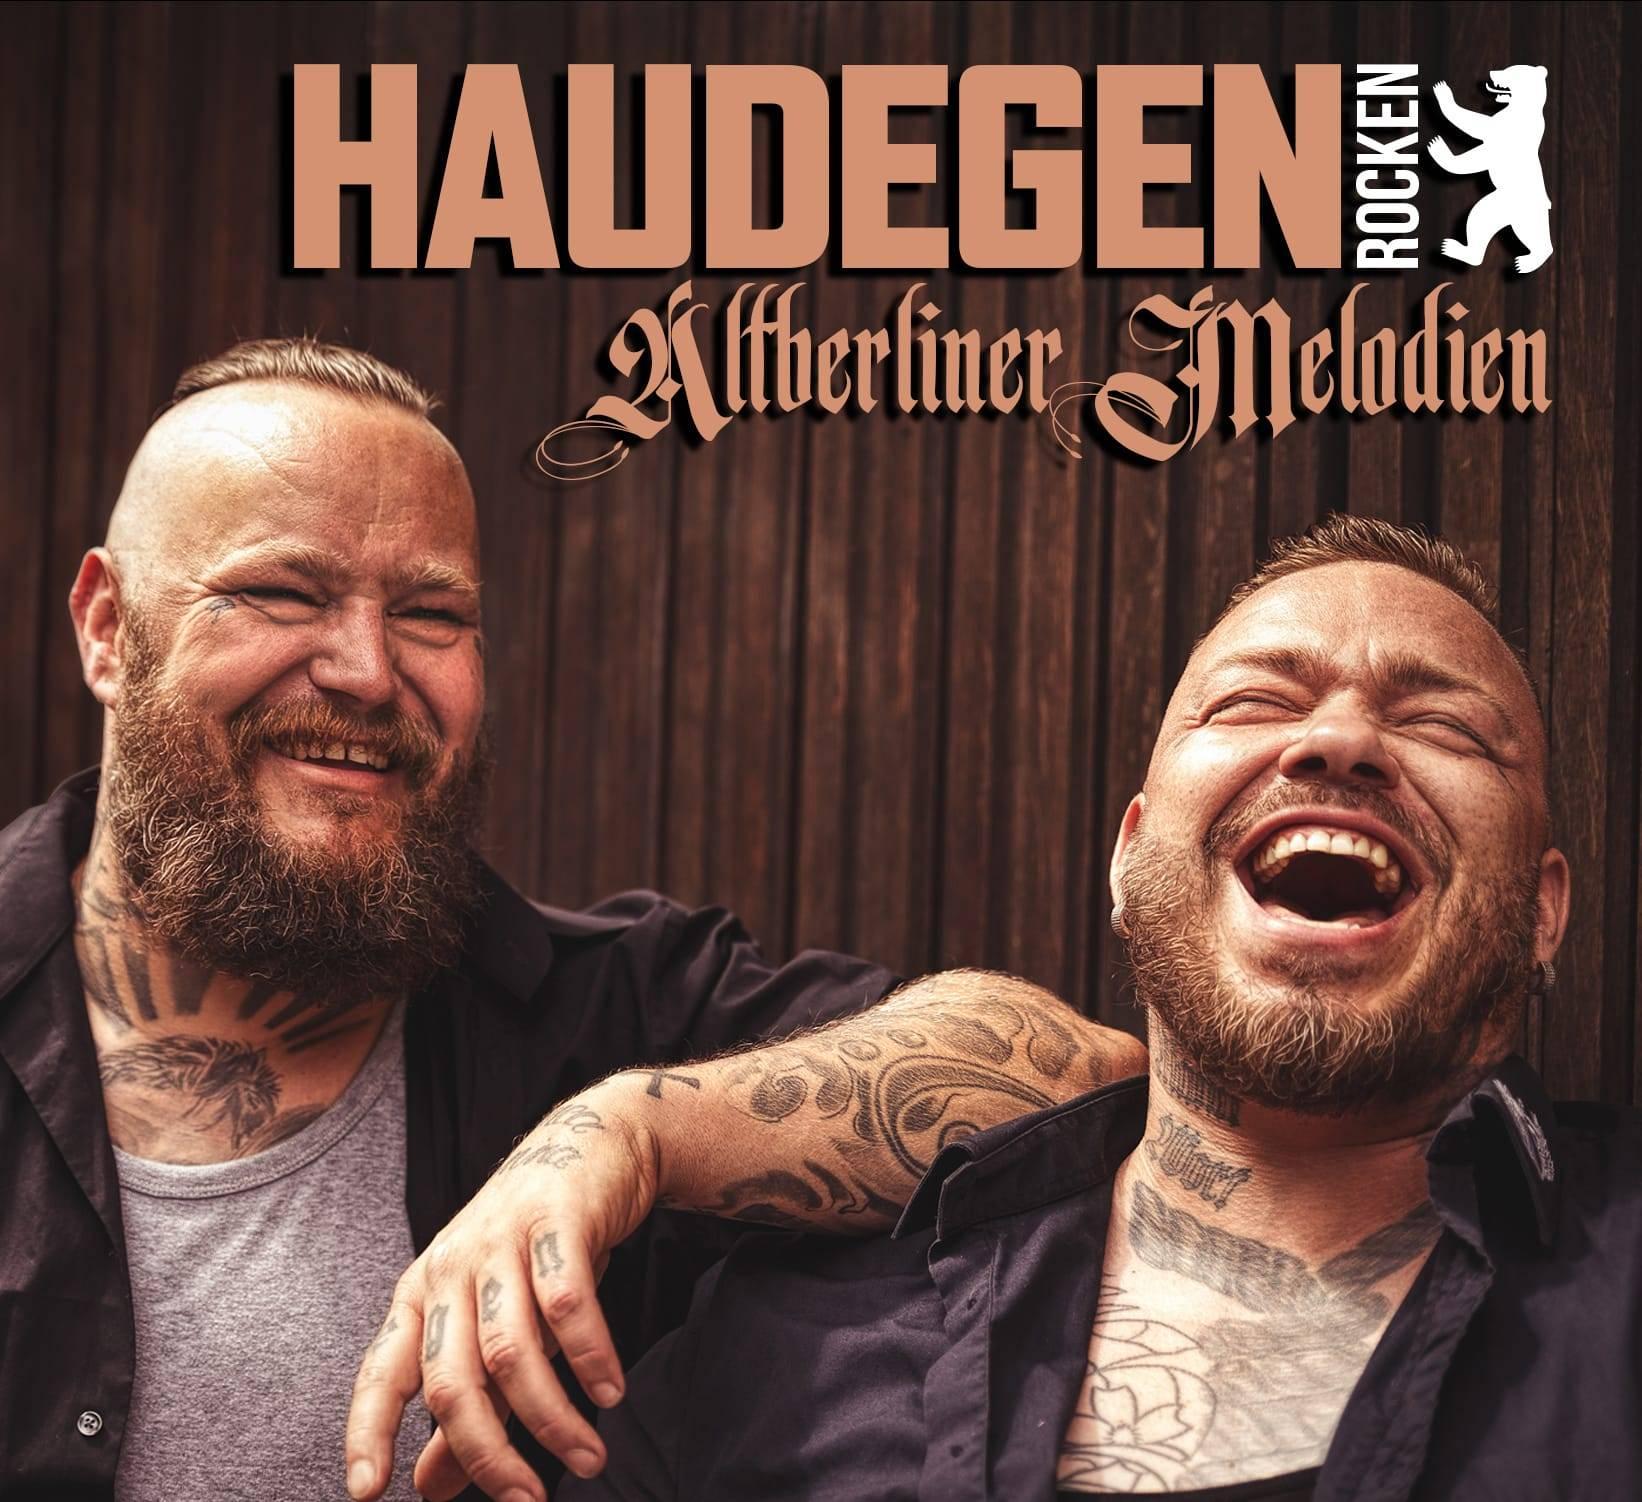 haudegen-cover_altberliner_meldodien